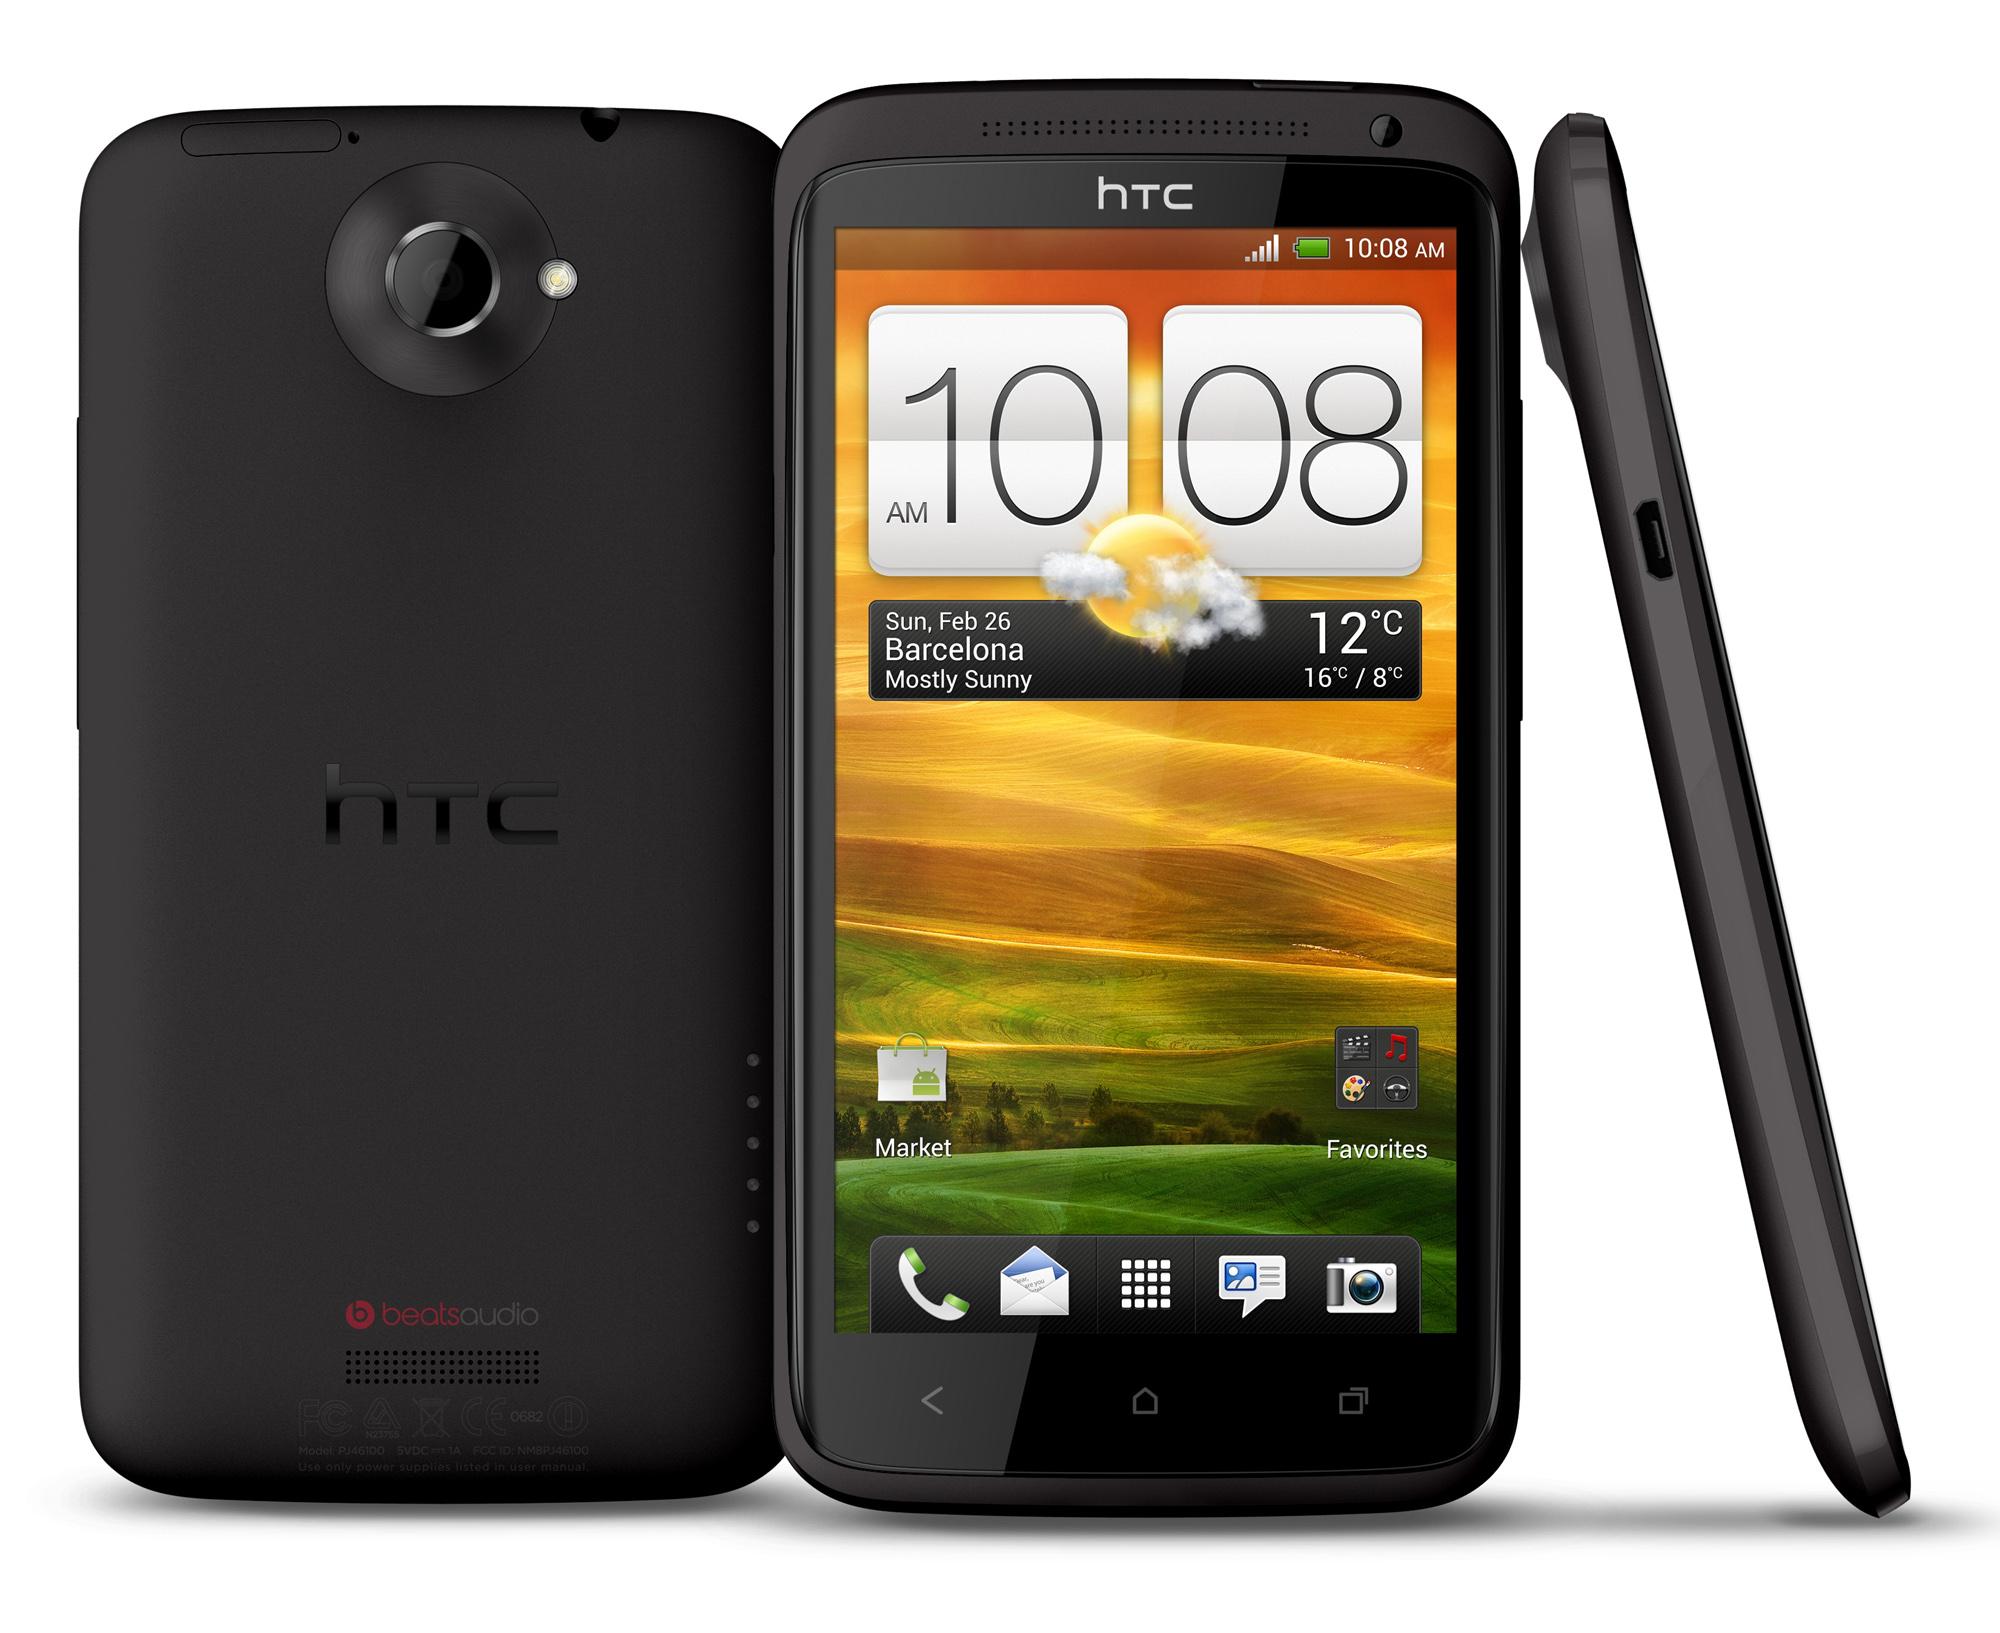 HTC One X - nowy flagowy czterordzeniowy smartphone wkr�tce w sprzeda�y